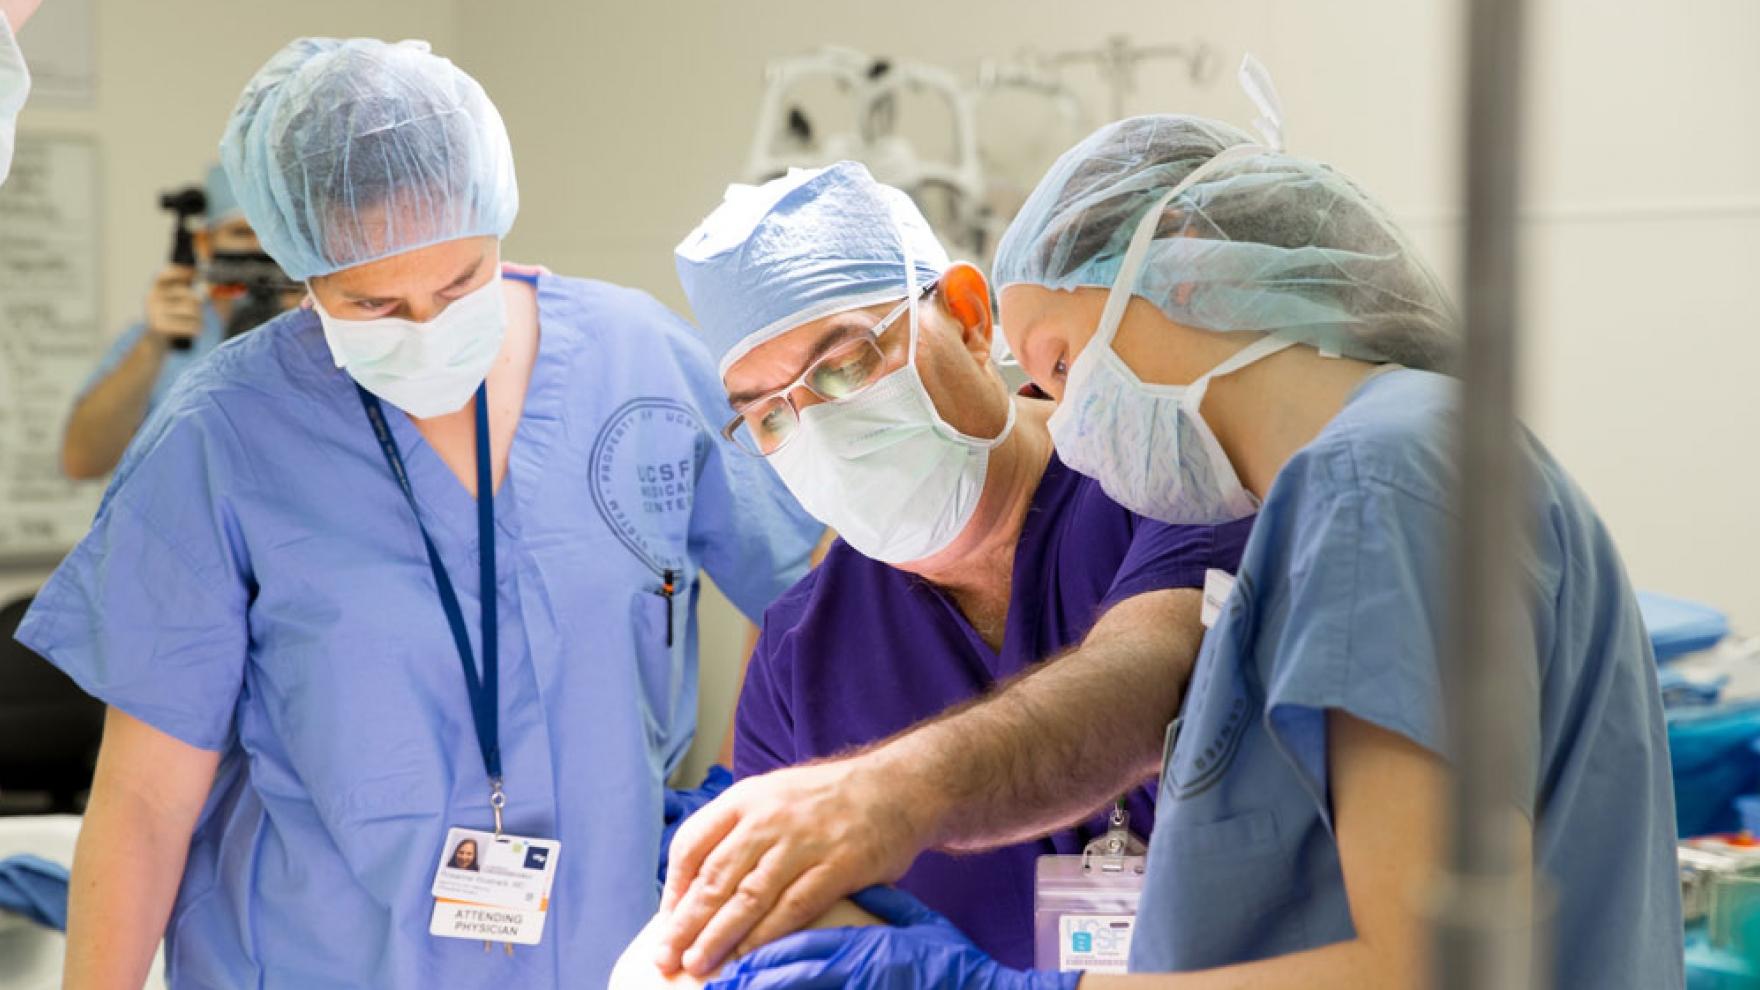 osseointegration-surgery-odonnell.jpg